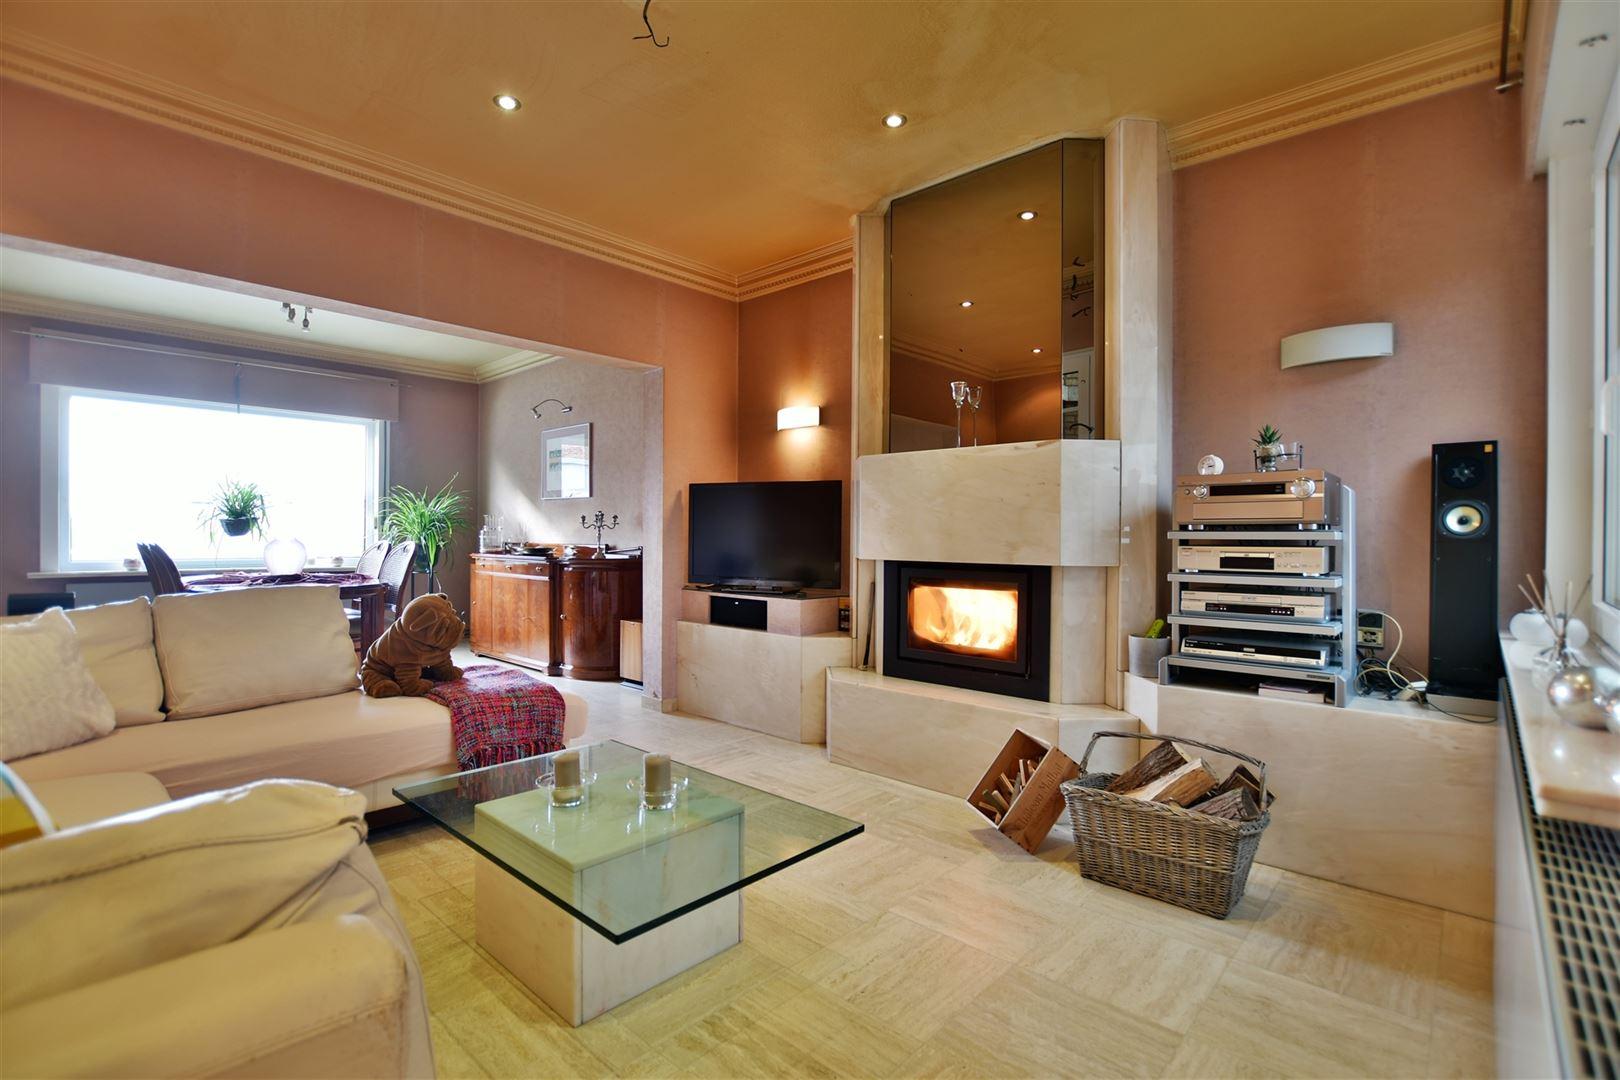 Foto 3 : Woning te 9200 OUDEGEM (België) - Prijs € 279.000